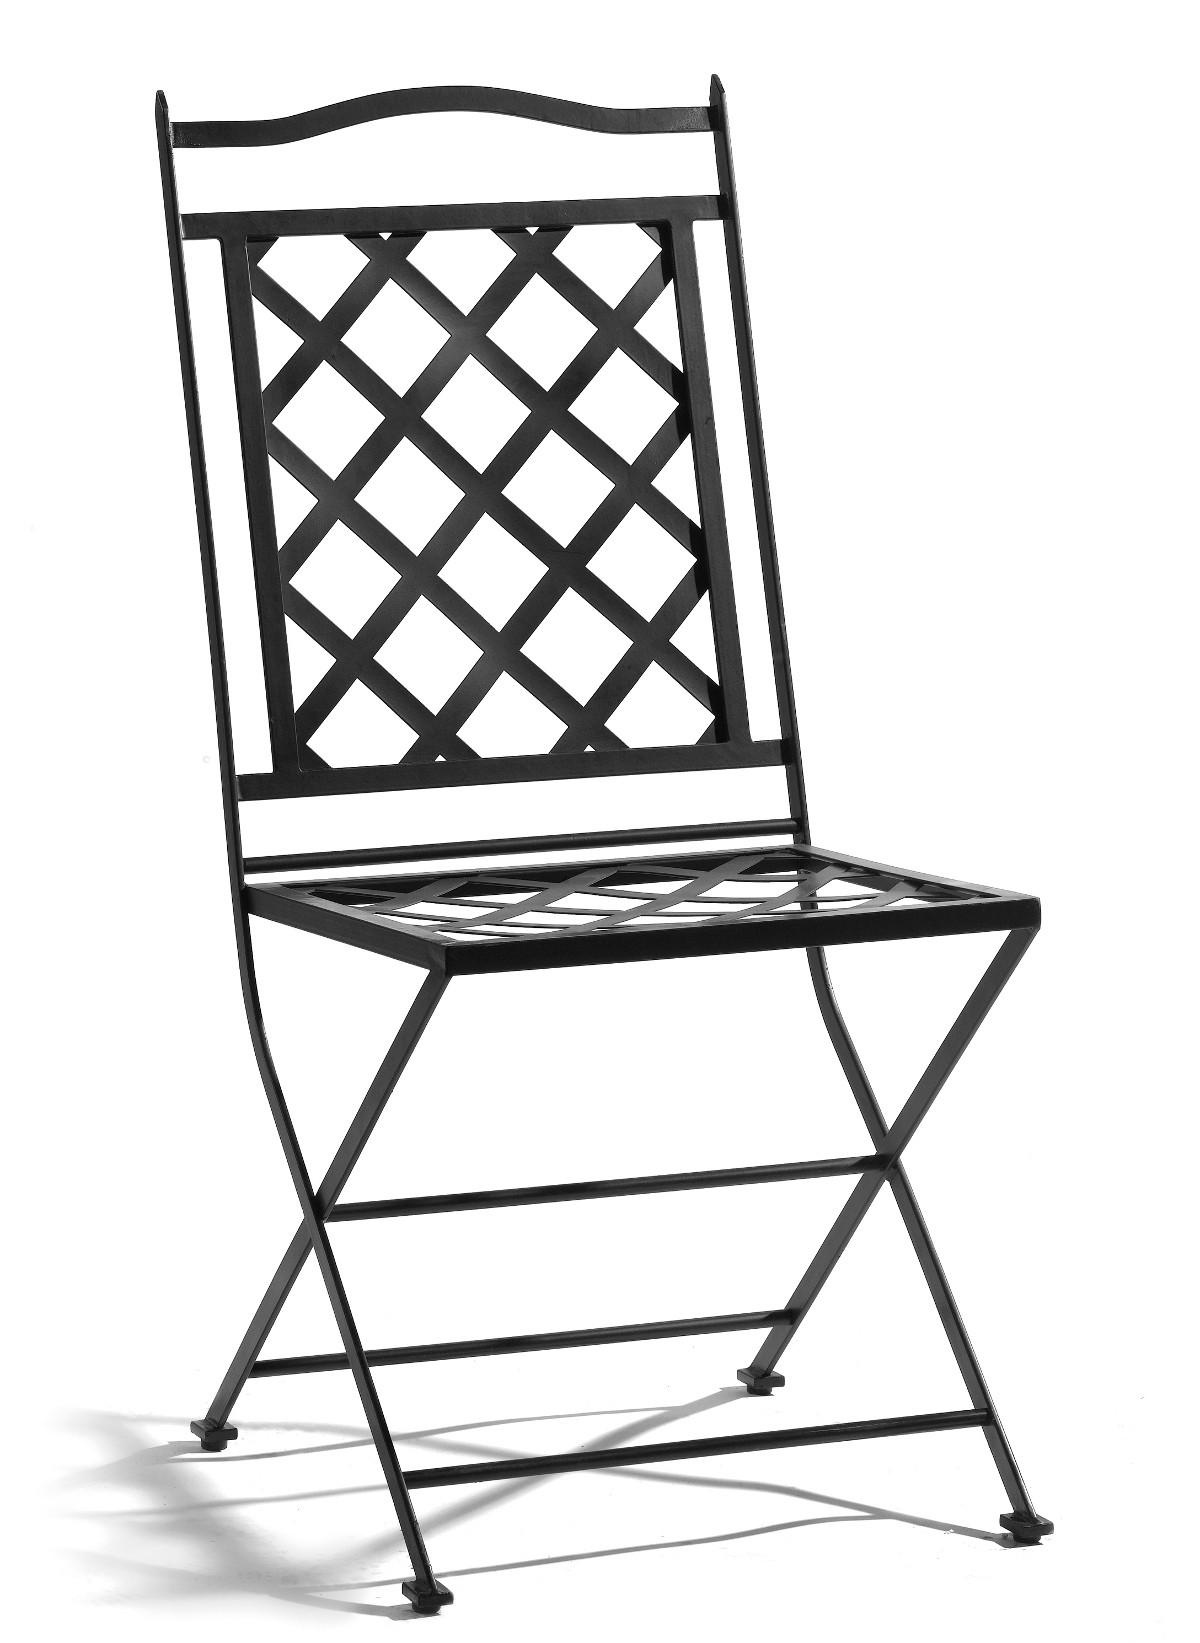 chaise saint tropez de manutti anthracite. Black Bedroom Furniture Sets. Home Design Ideas